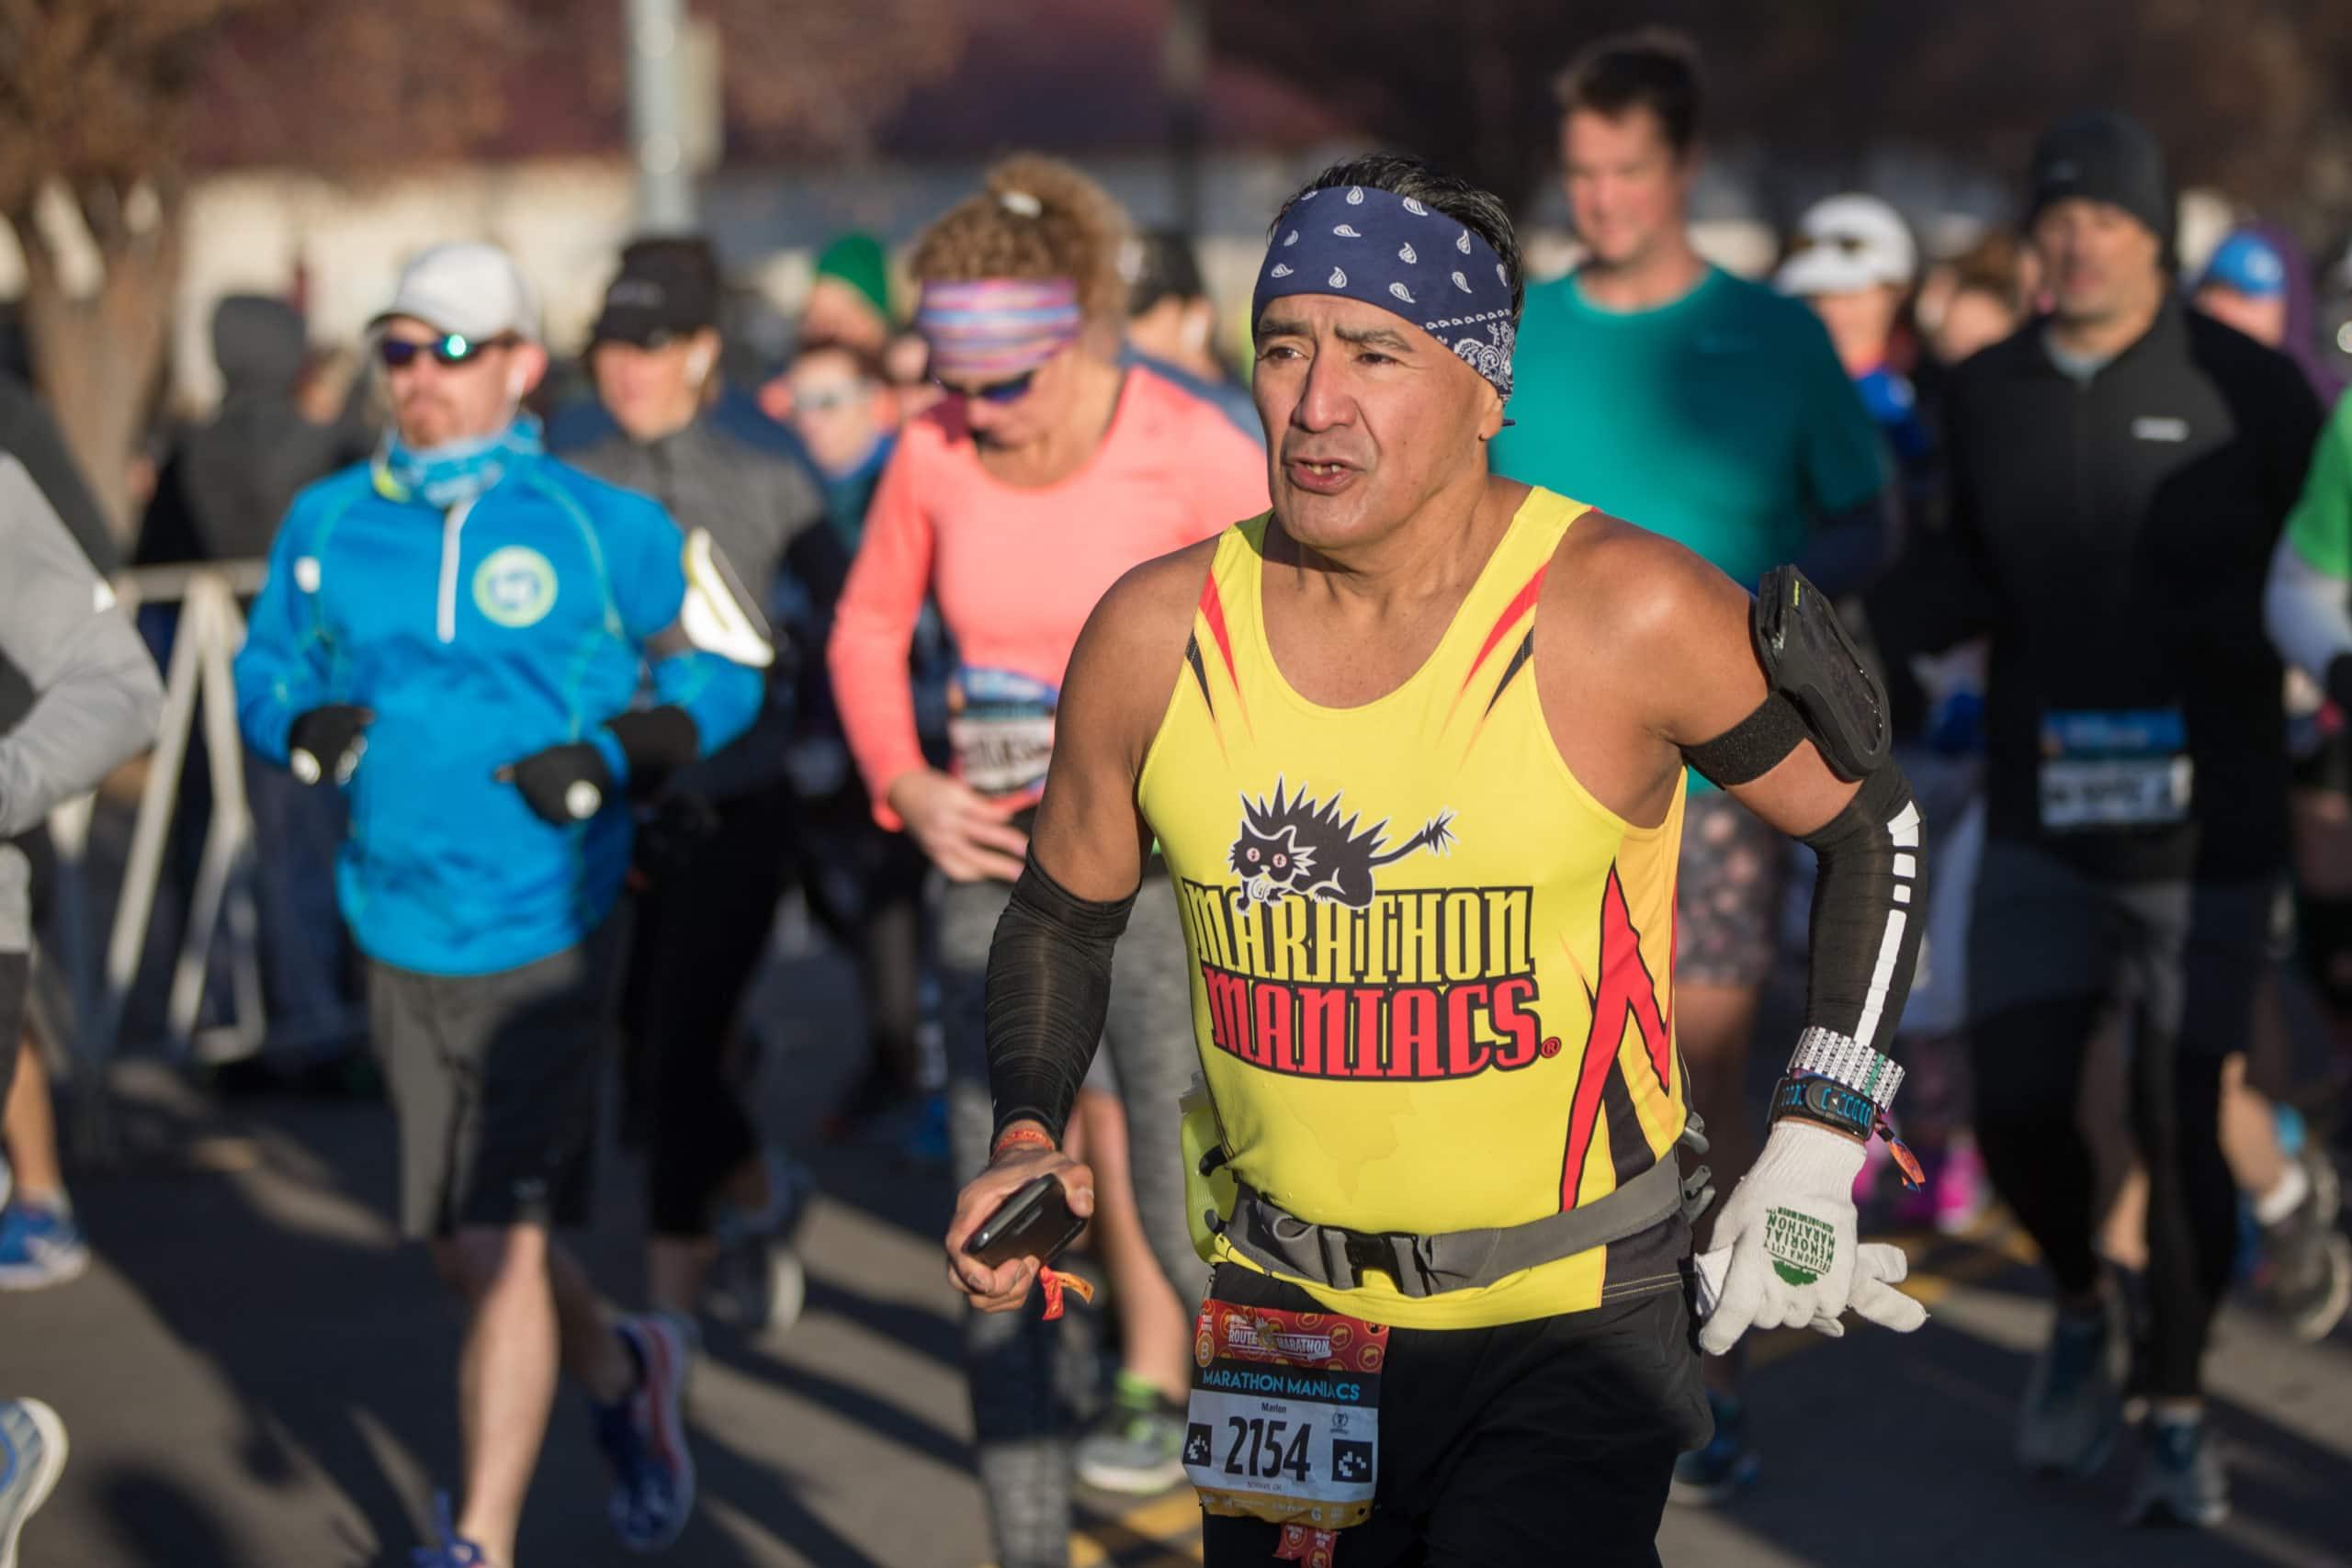 The Route 66 Marathon's Biggest Fans